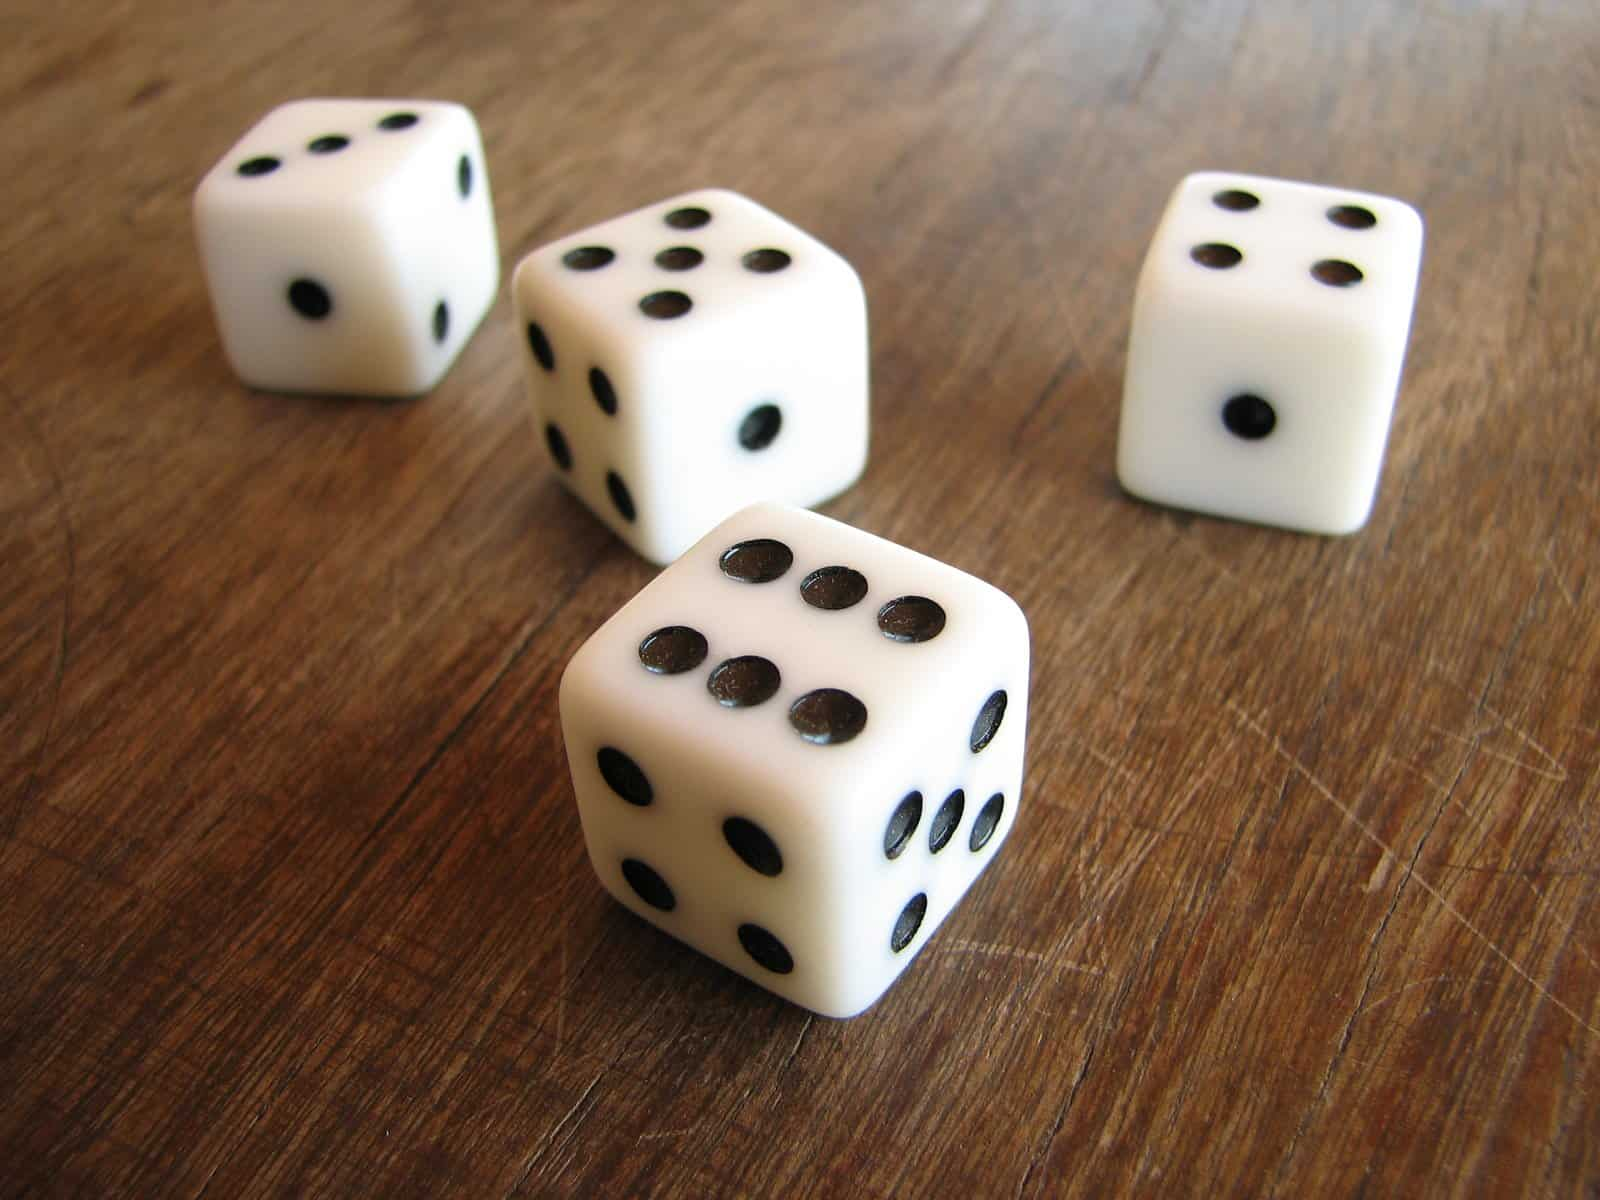 Tại sao việc kiểm soát thời gian khi chơi sicbo lại quan trọng? -Hình 2